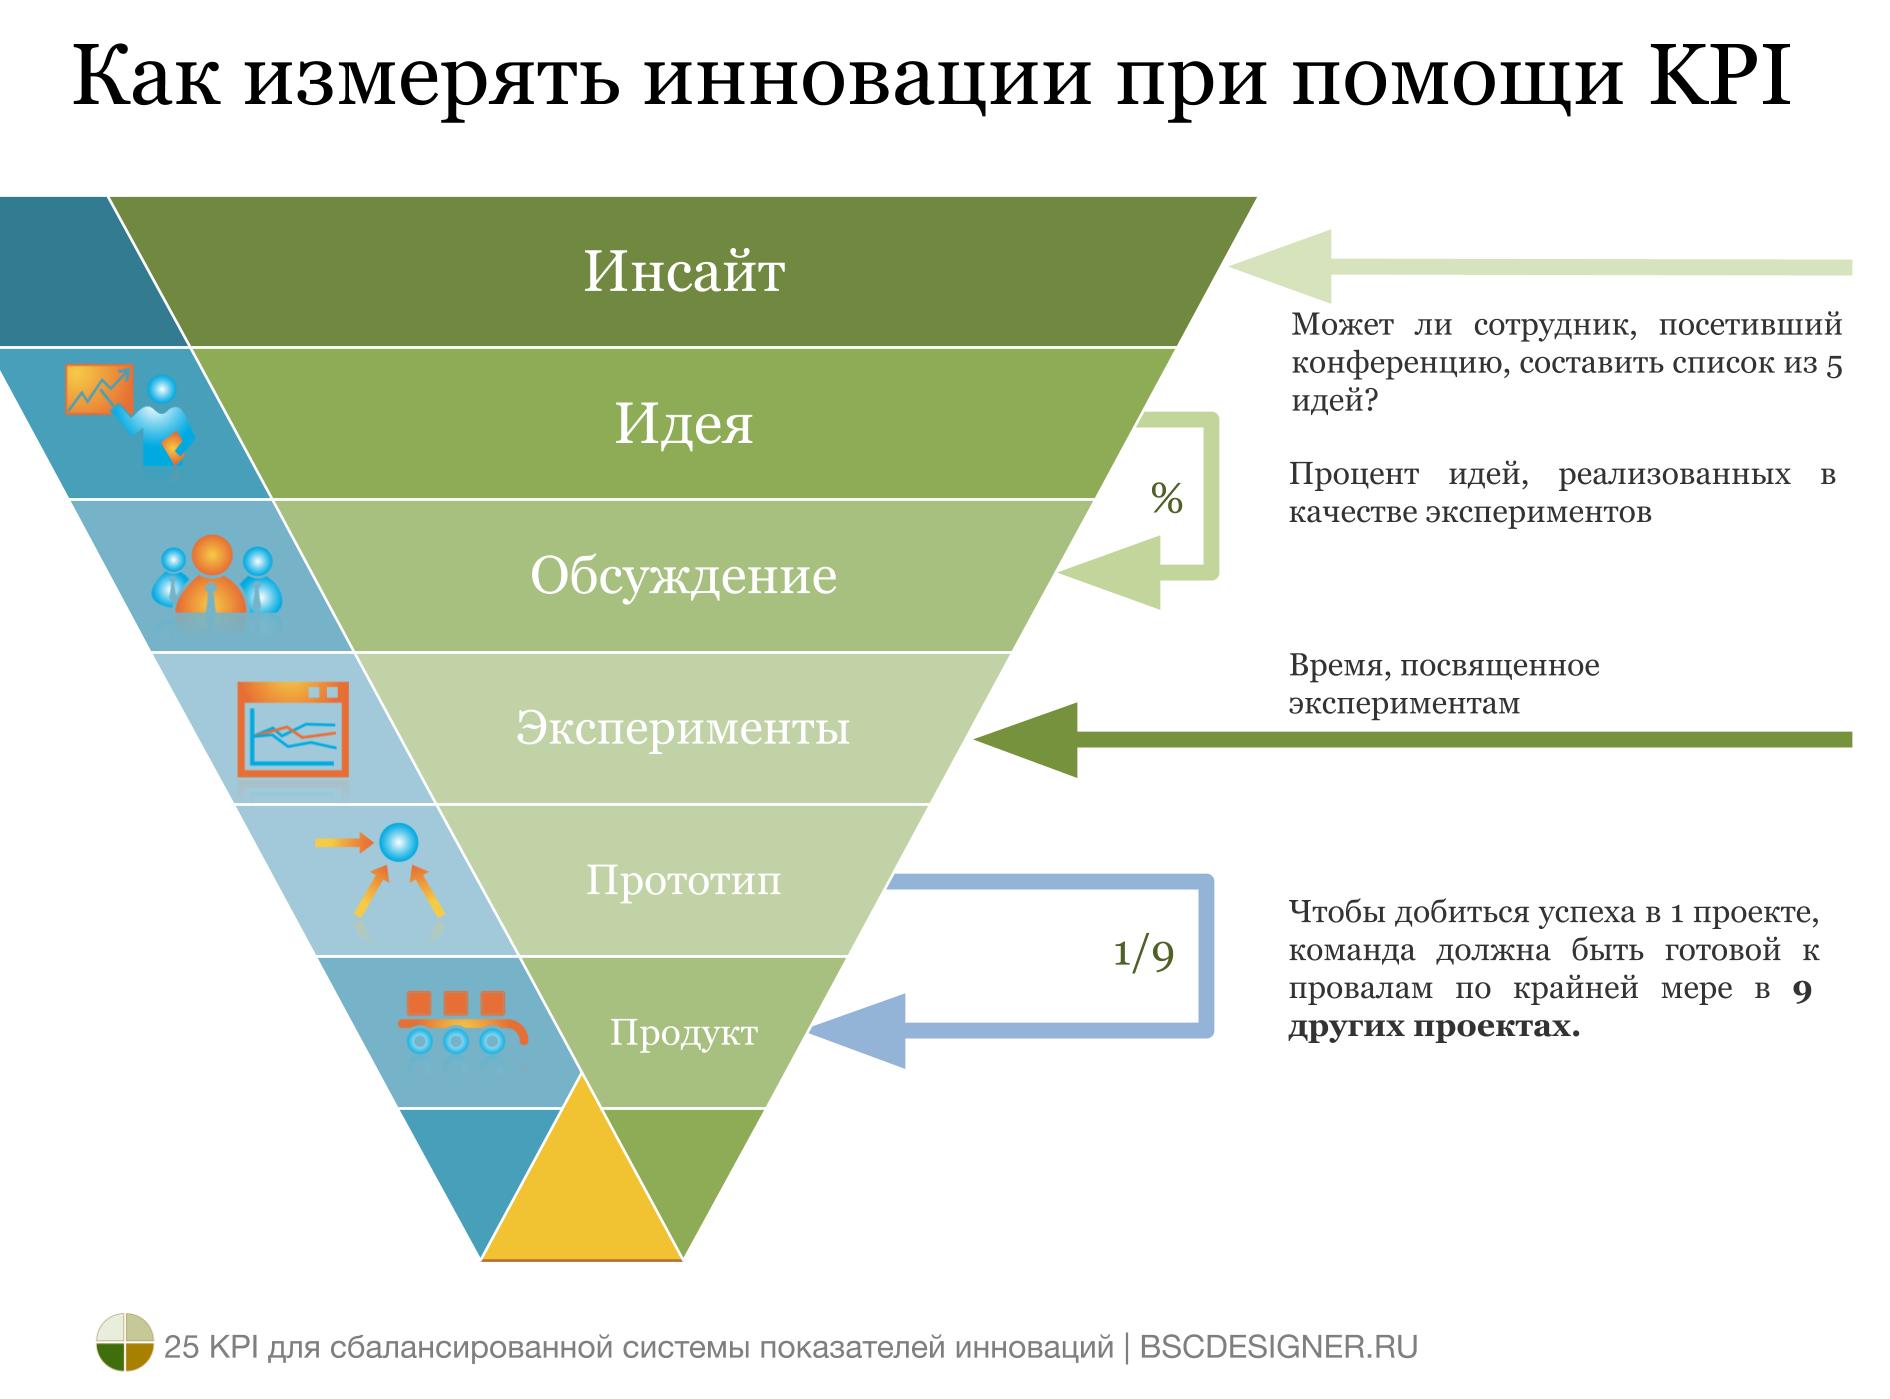 Как найти хорошие KPI для измерения инноваций